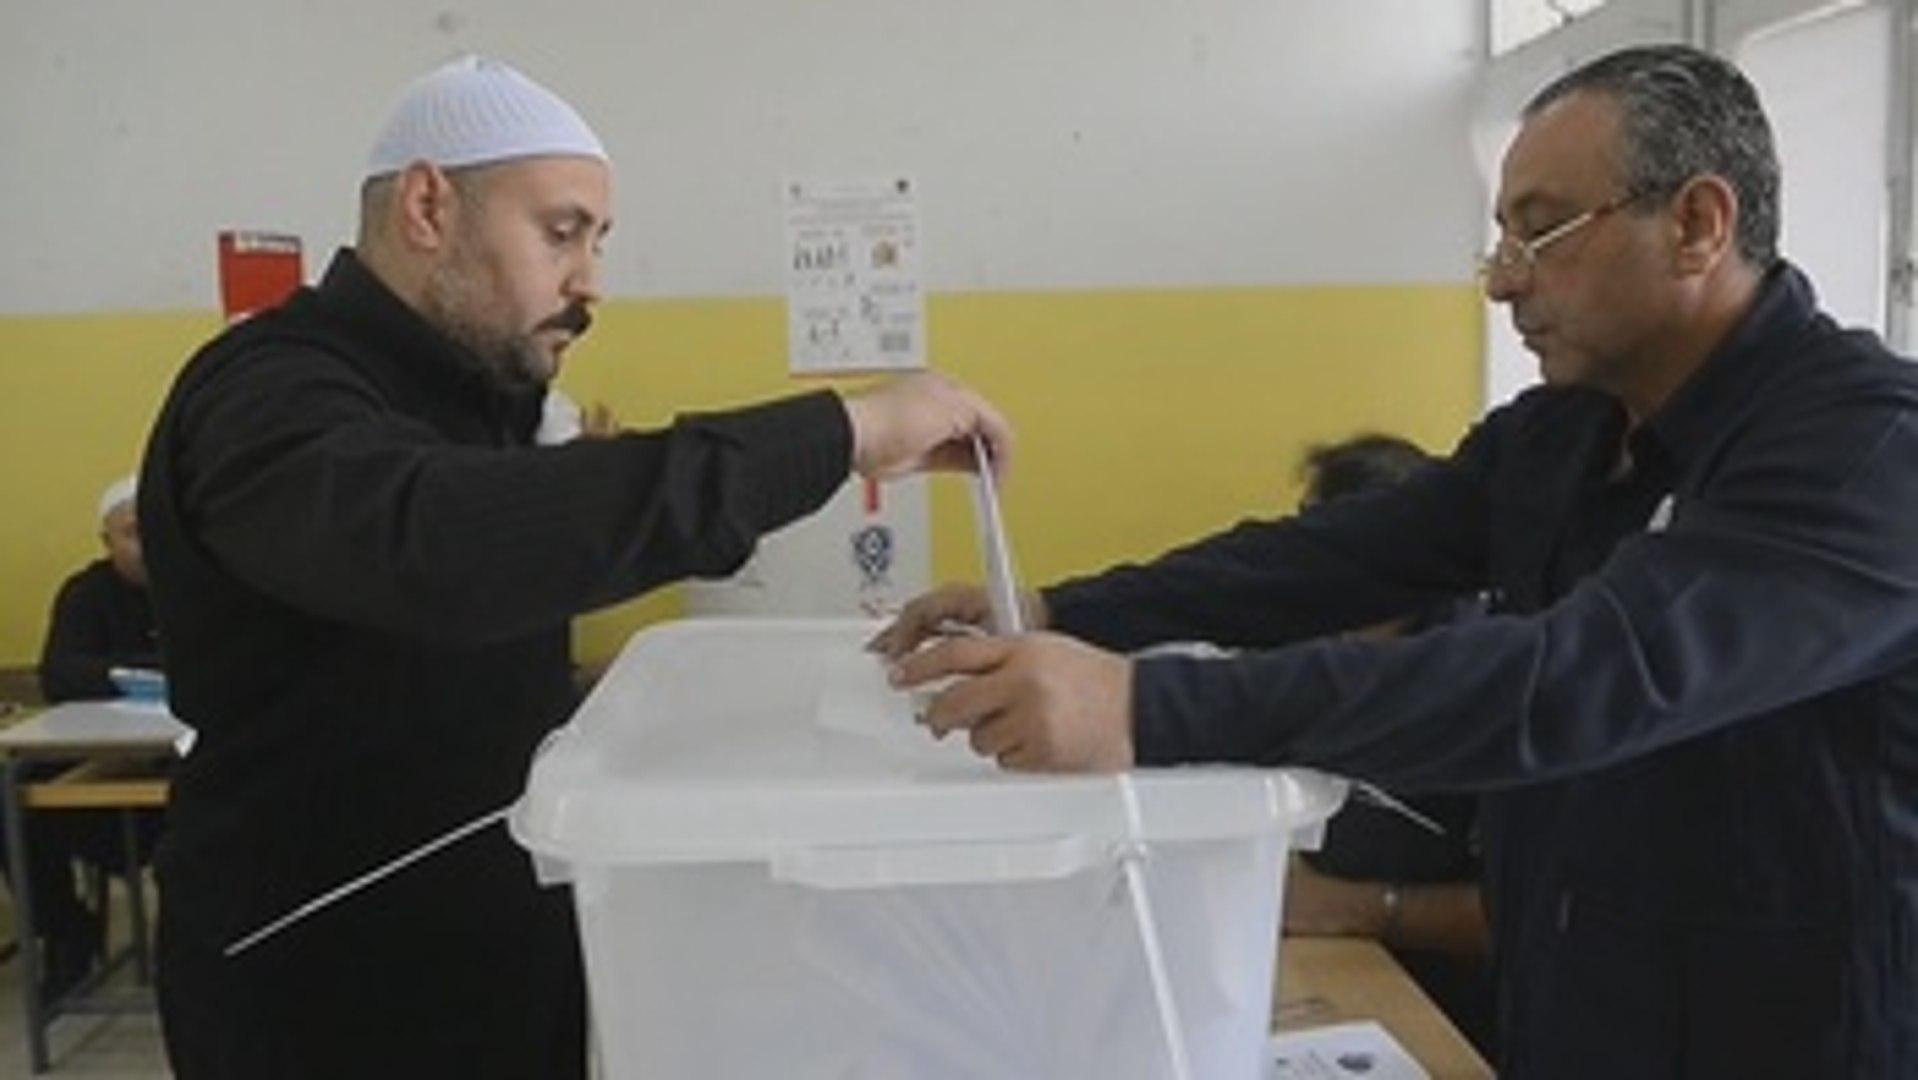 Baja participación en las primeras elecciones del Líbano en 9 años